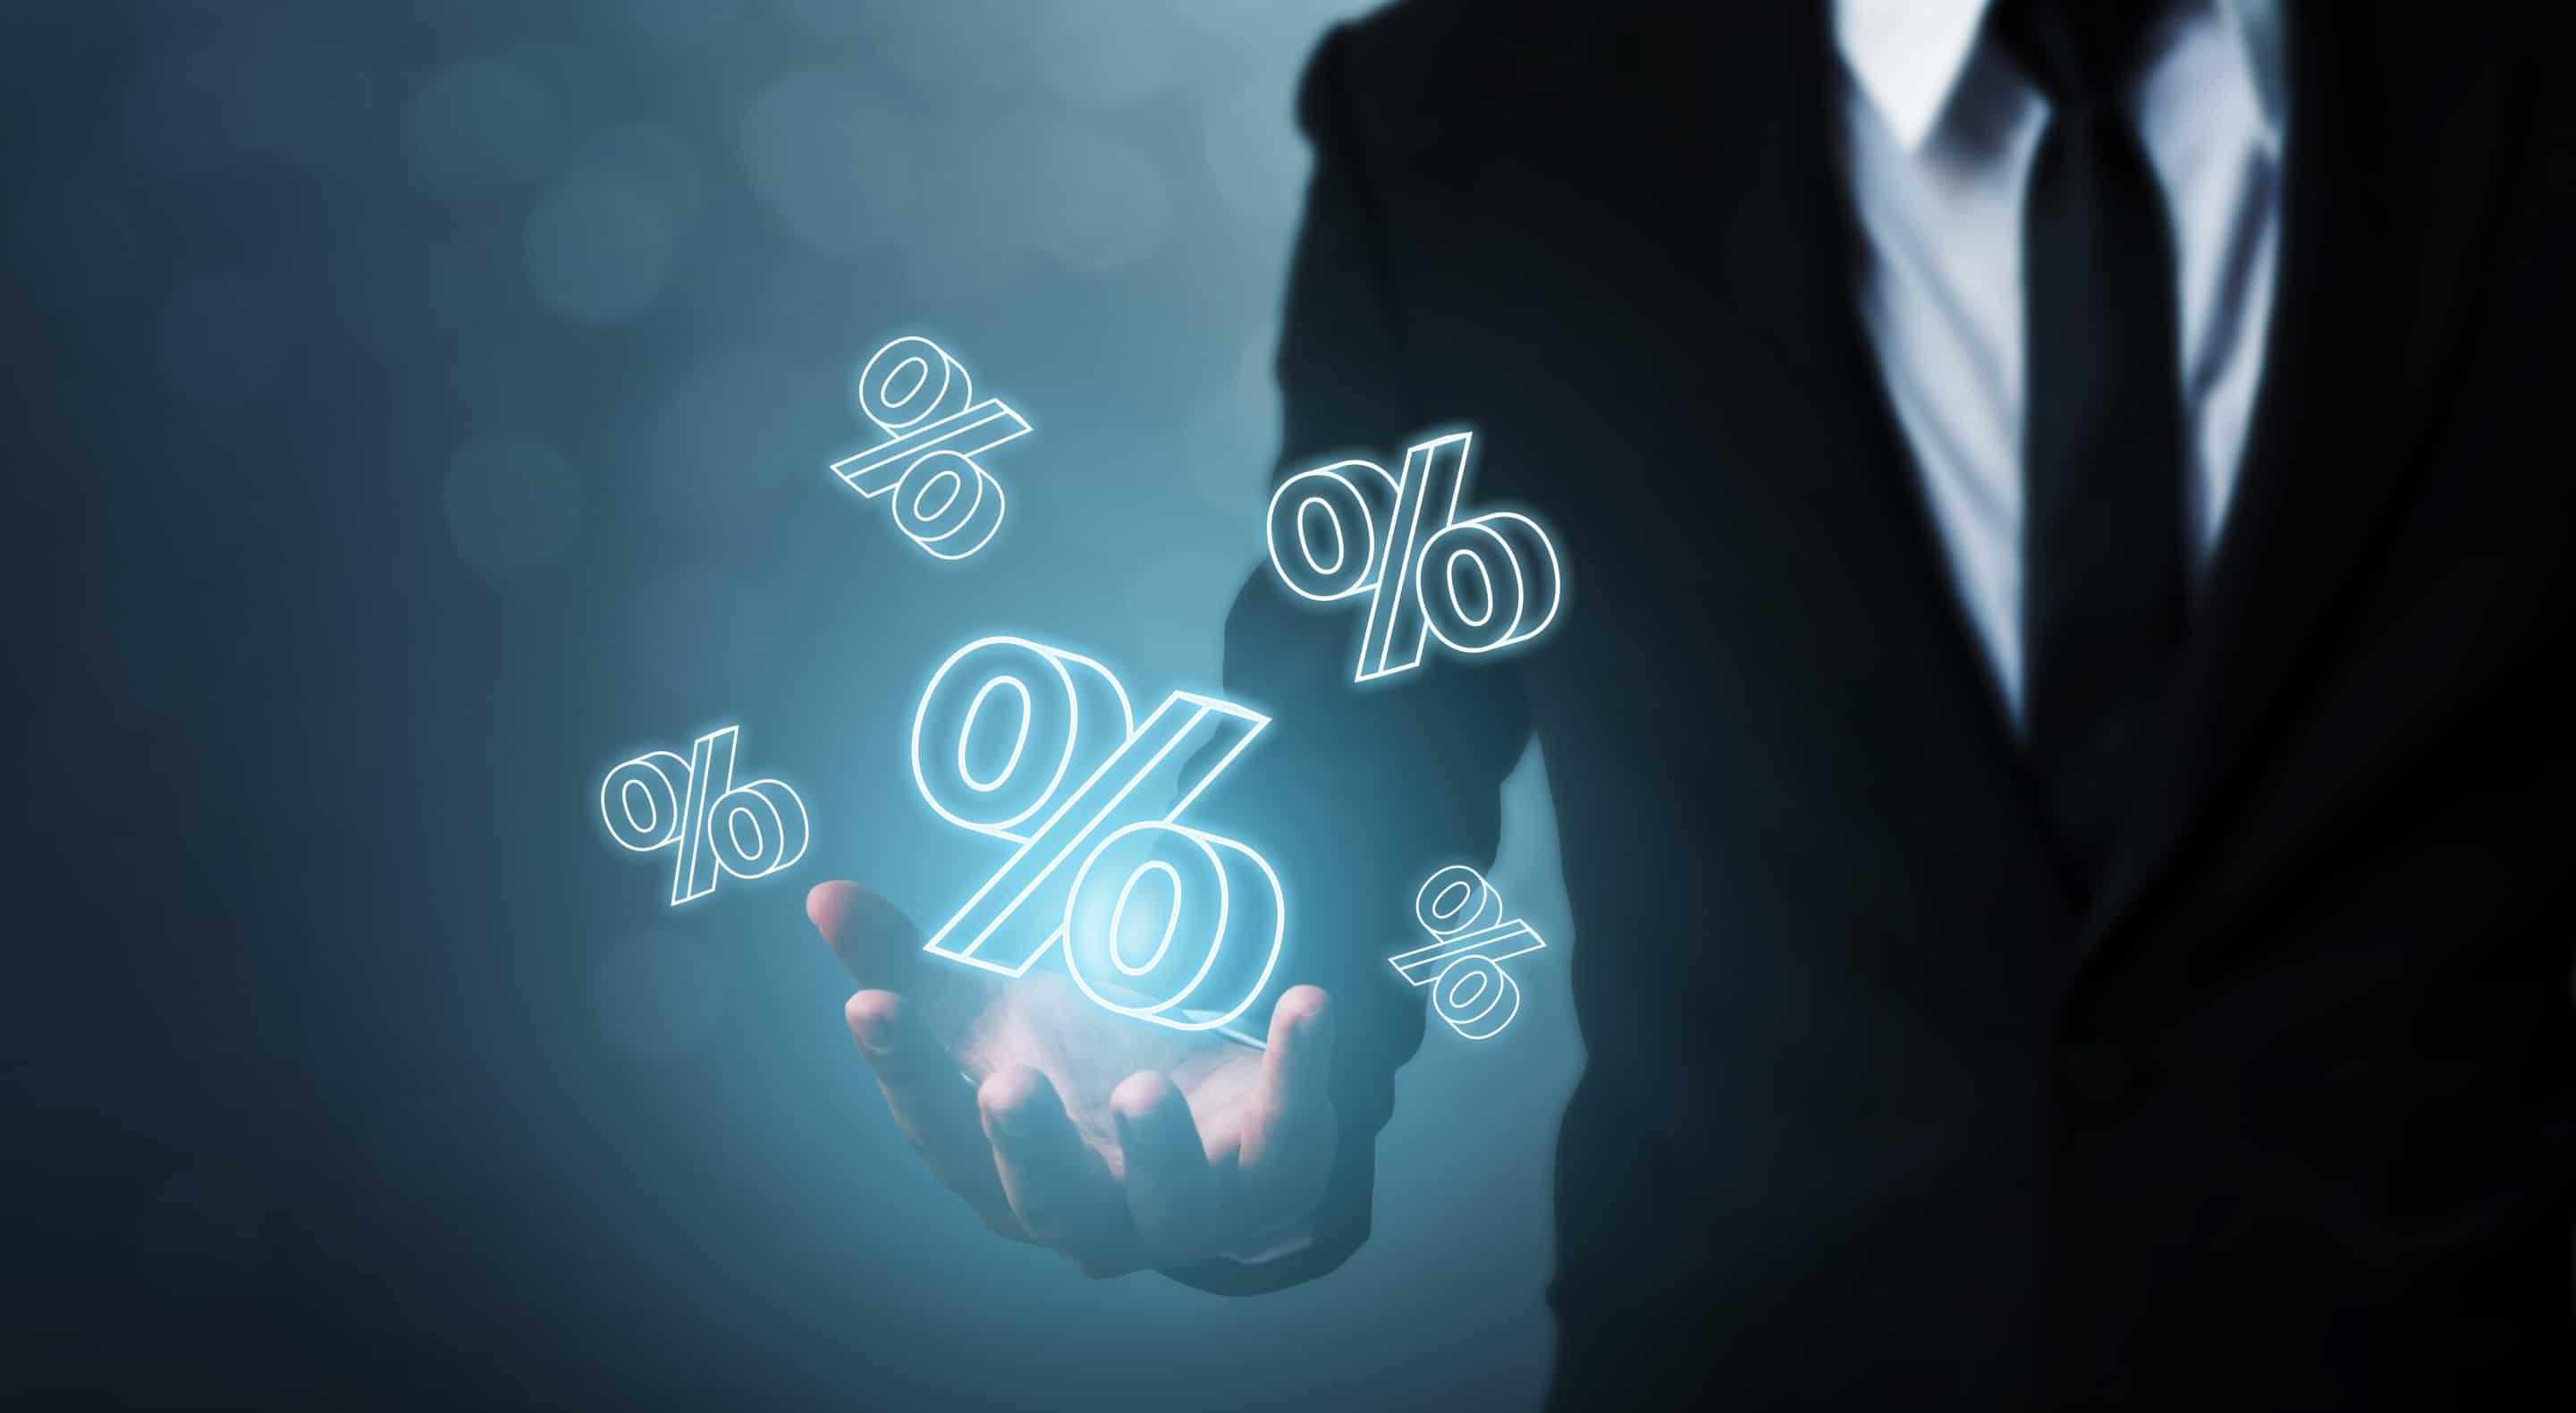 prêt immobilier taux d'intérêt